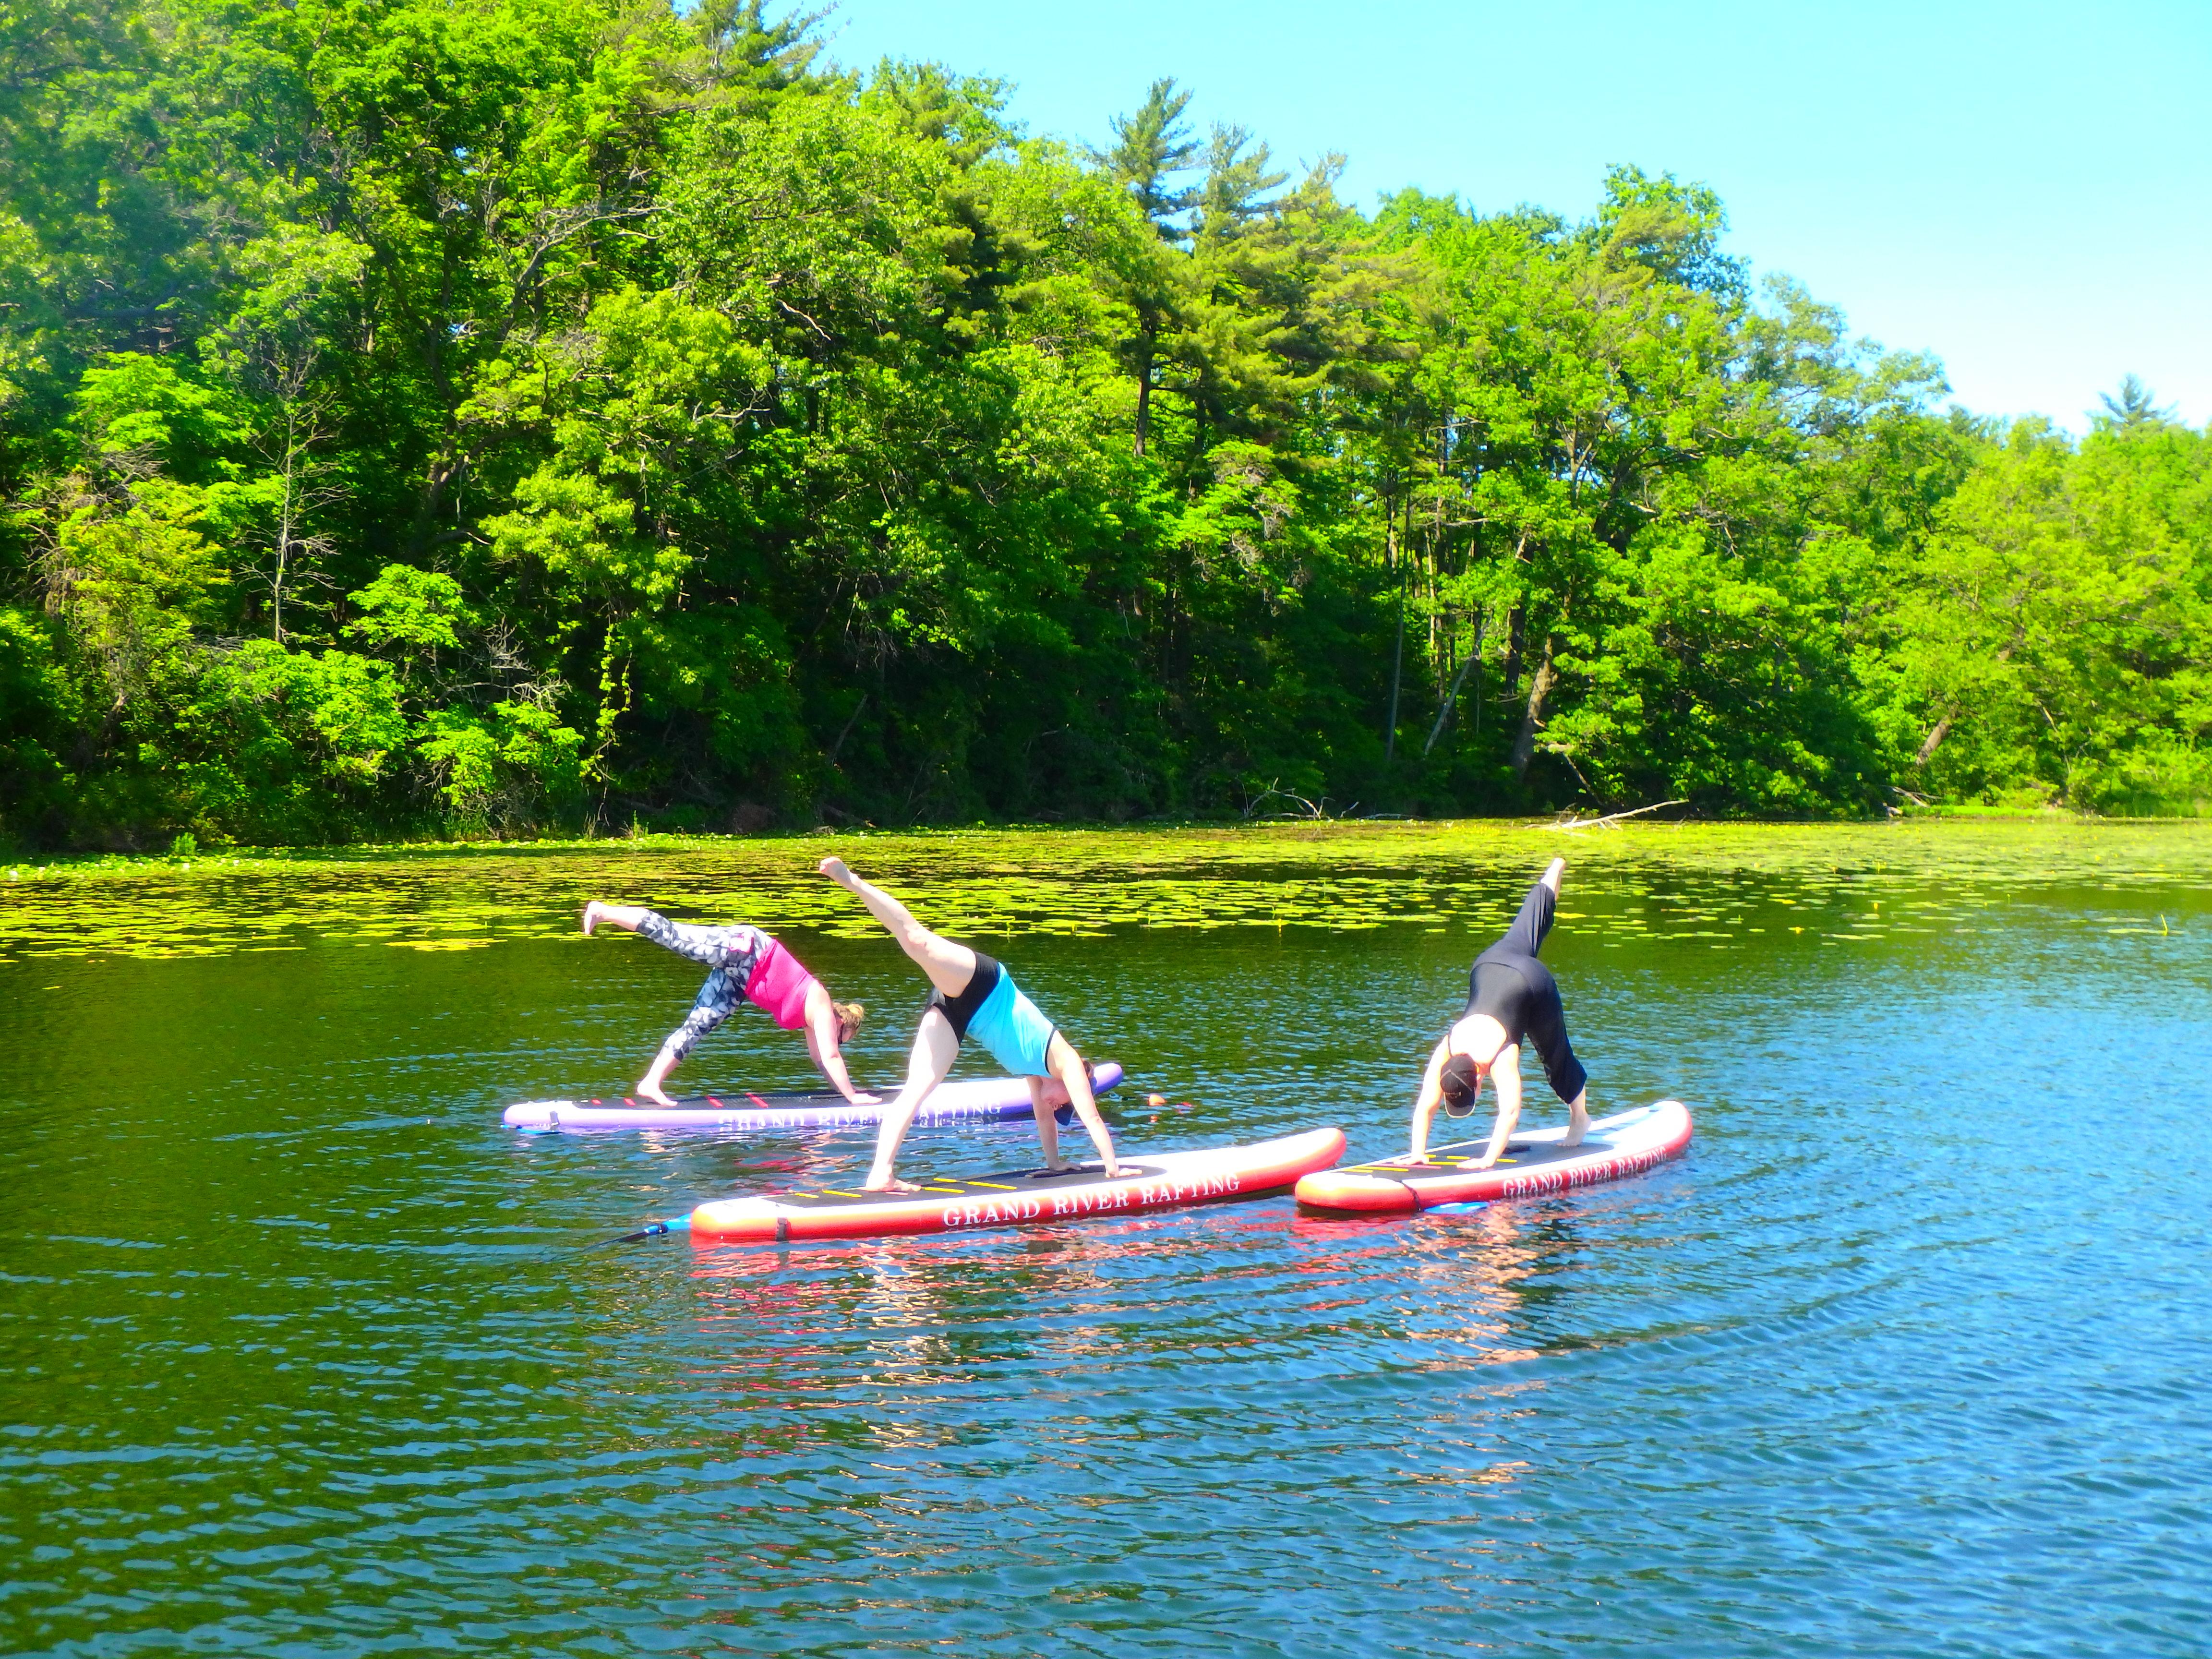 SUP Yoga – June 22, 2019